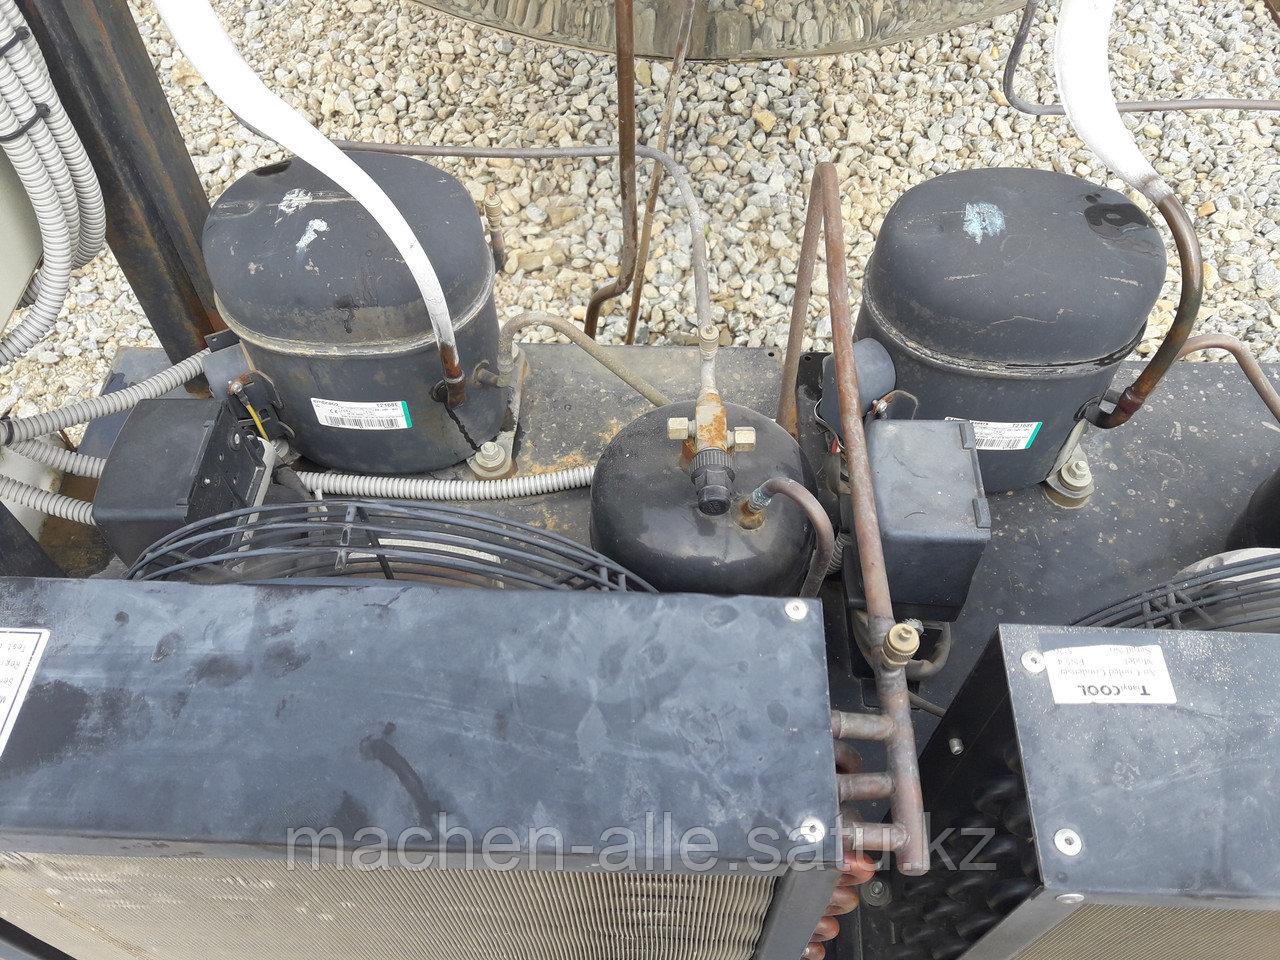 Ремонт, сервисное обслуживание холодильного оборудования - фото 2